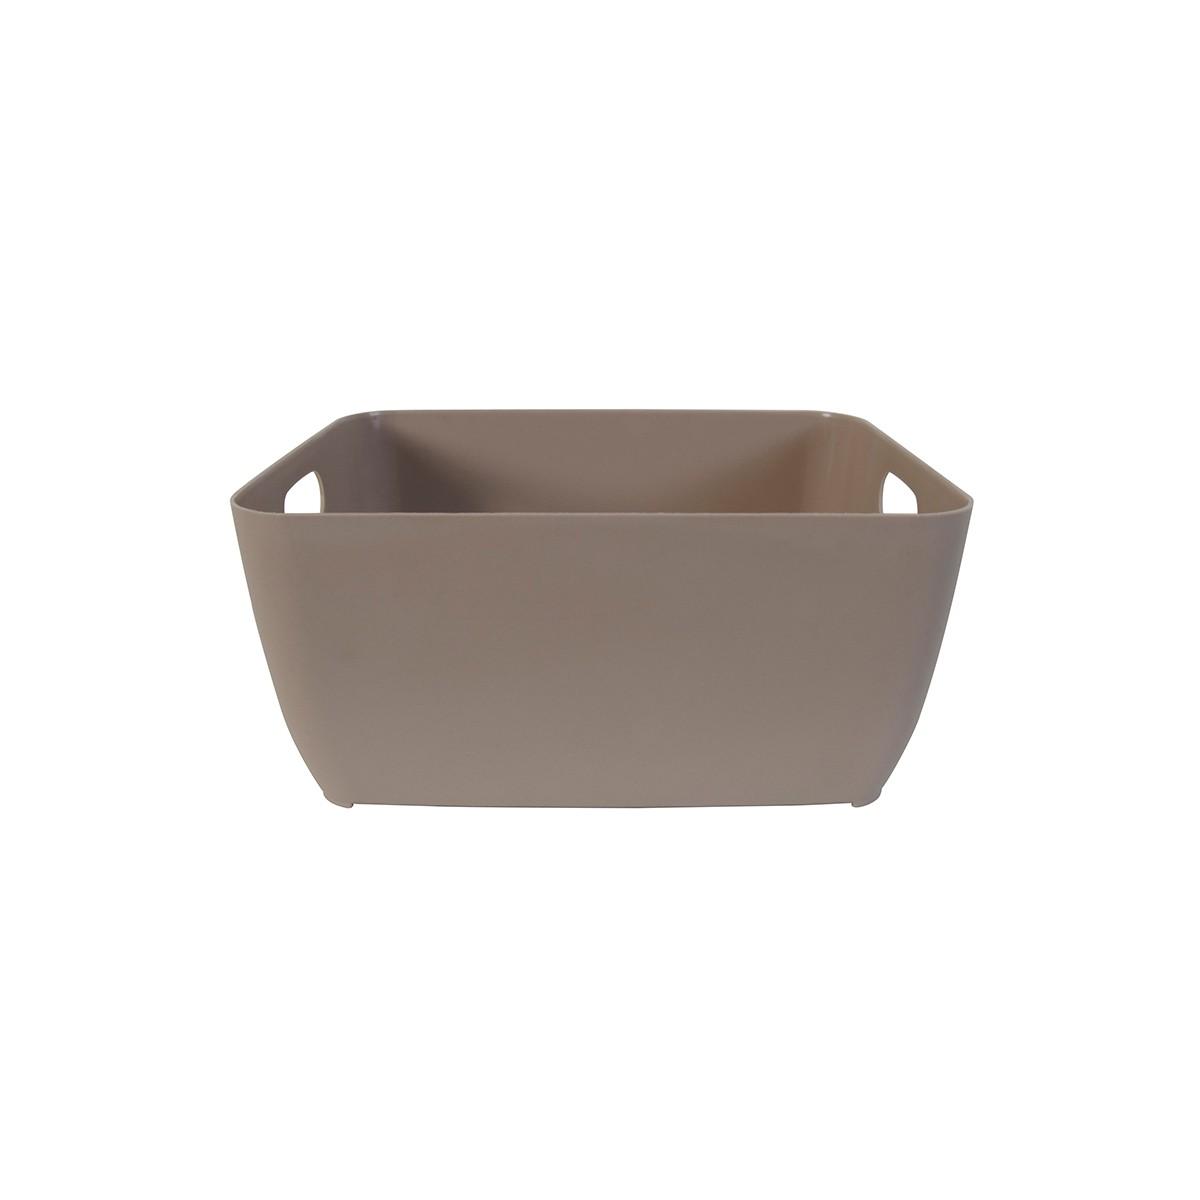 Κουτί Αποθήκευσης Spirella Store Box Small 05041.002 Taupe